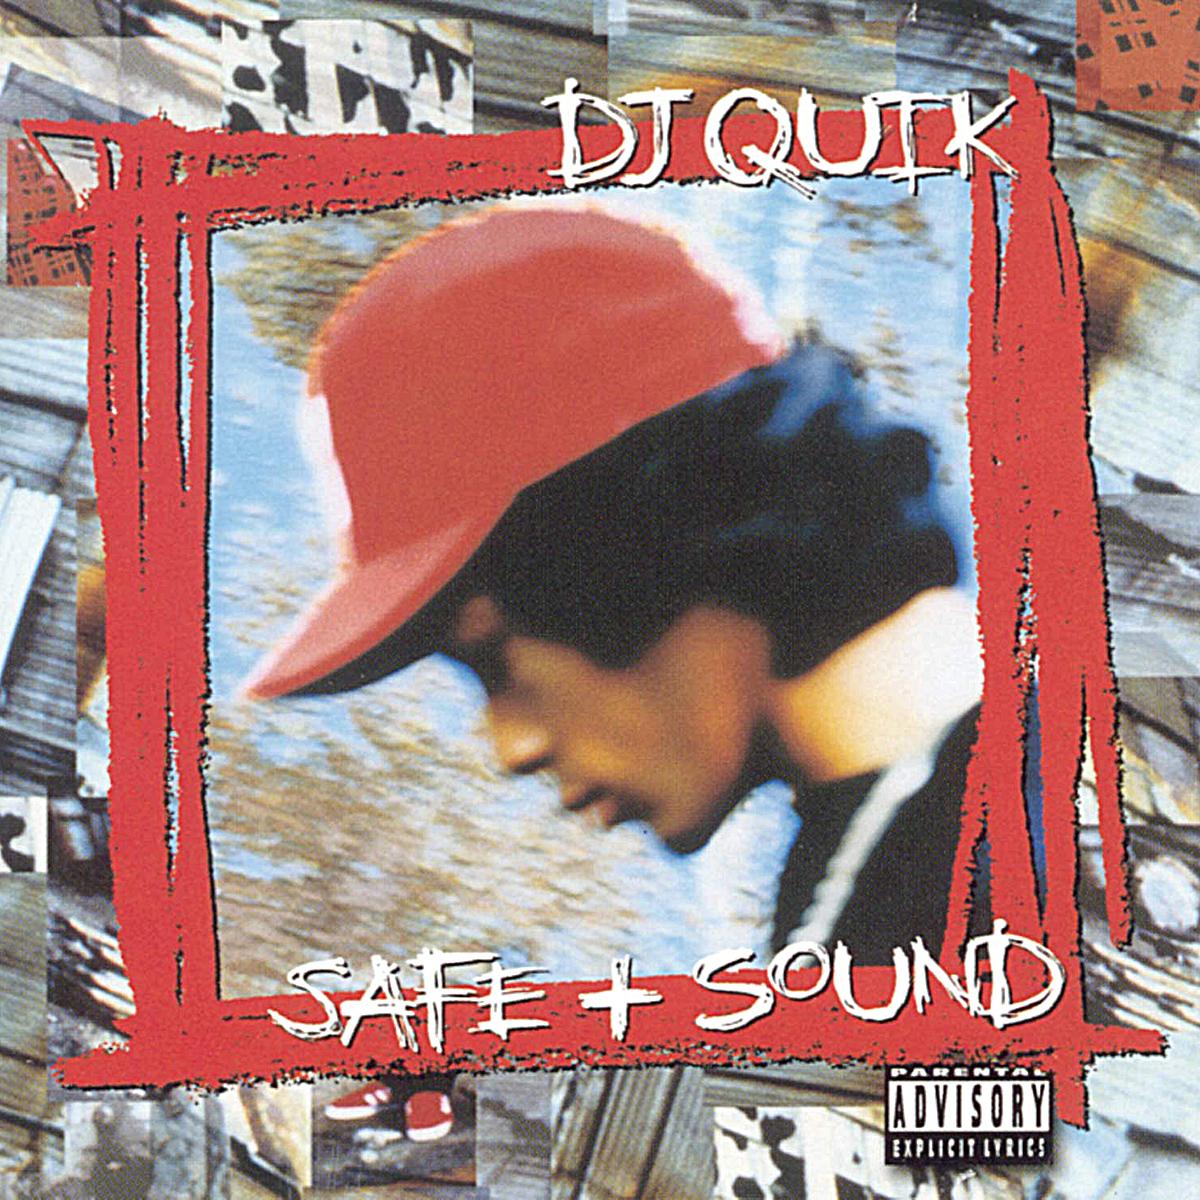 Safe + Sound de DJ Quik